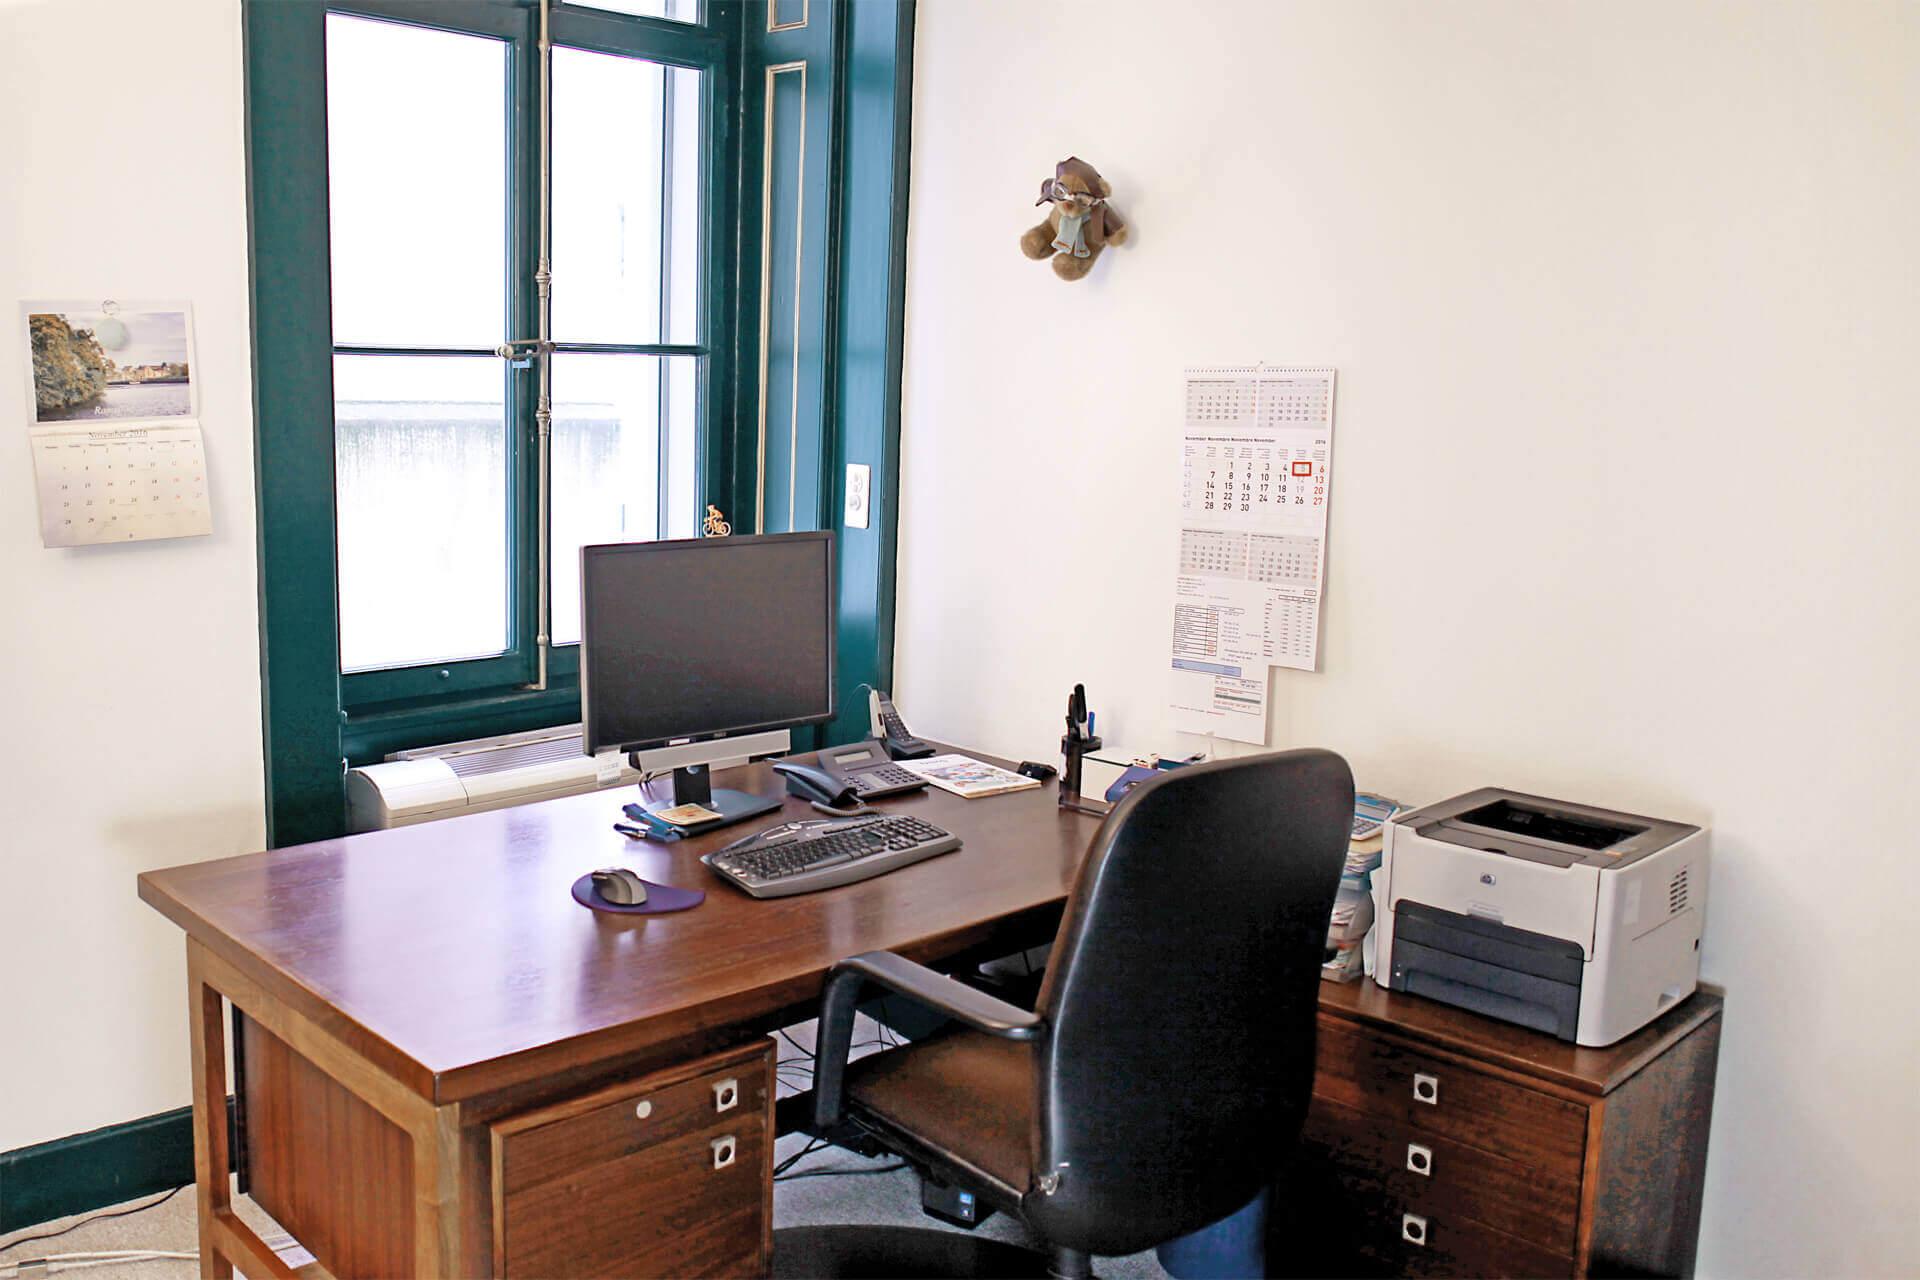 Bureau n°1 place de travail individuelle